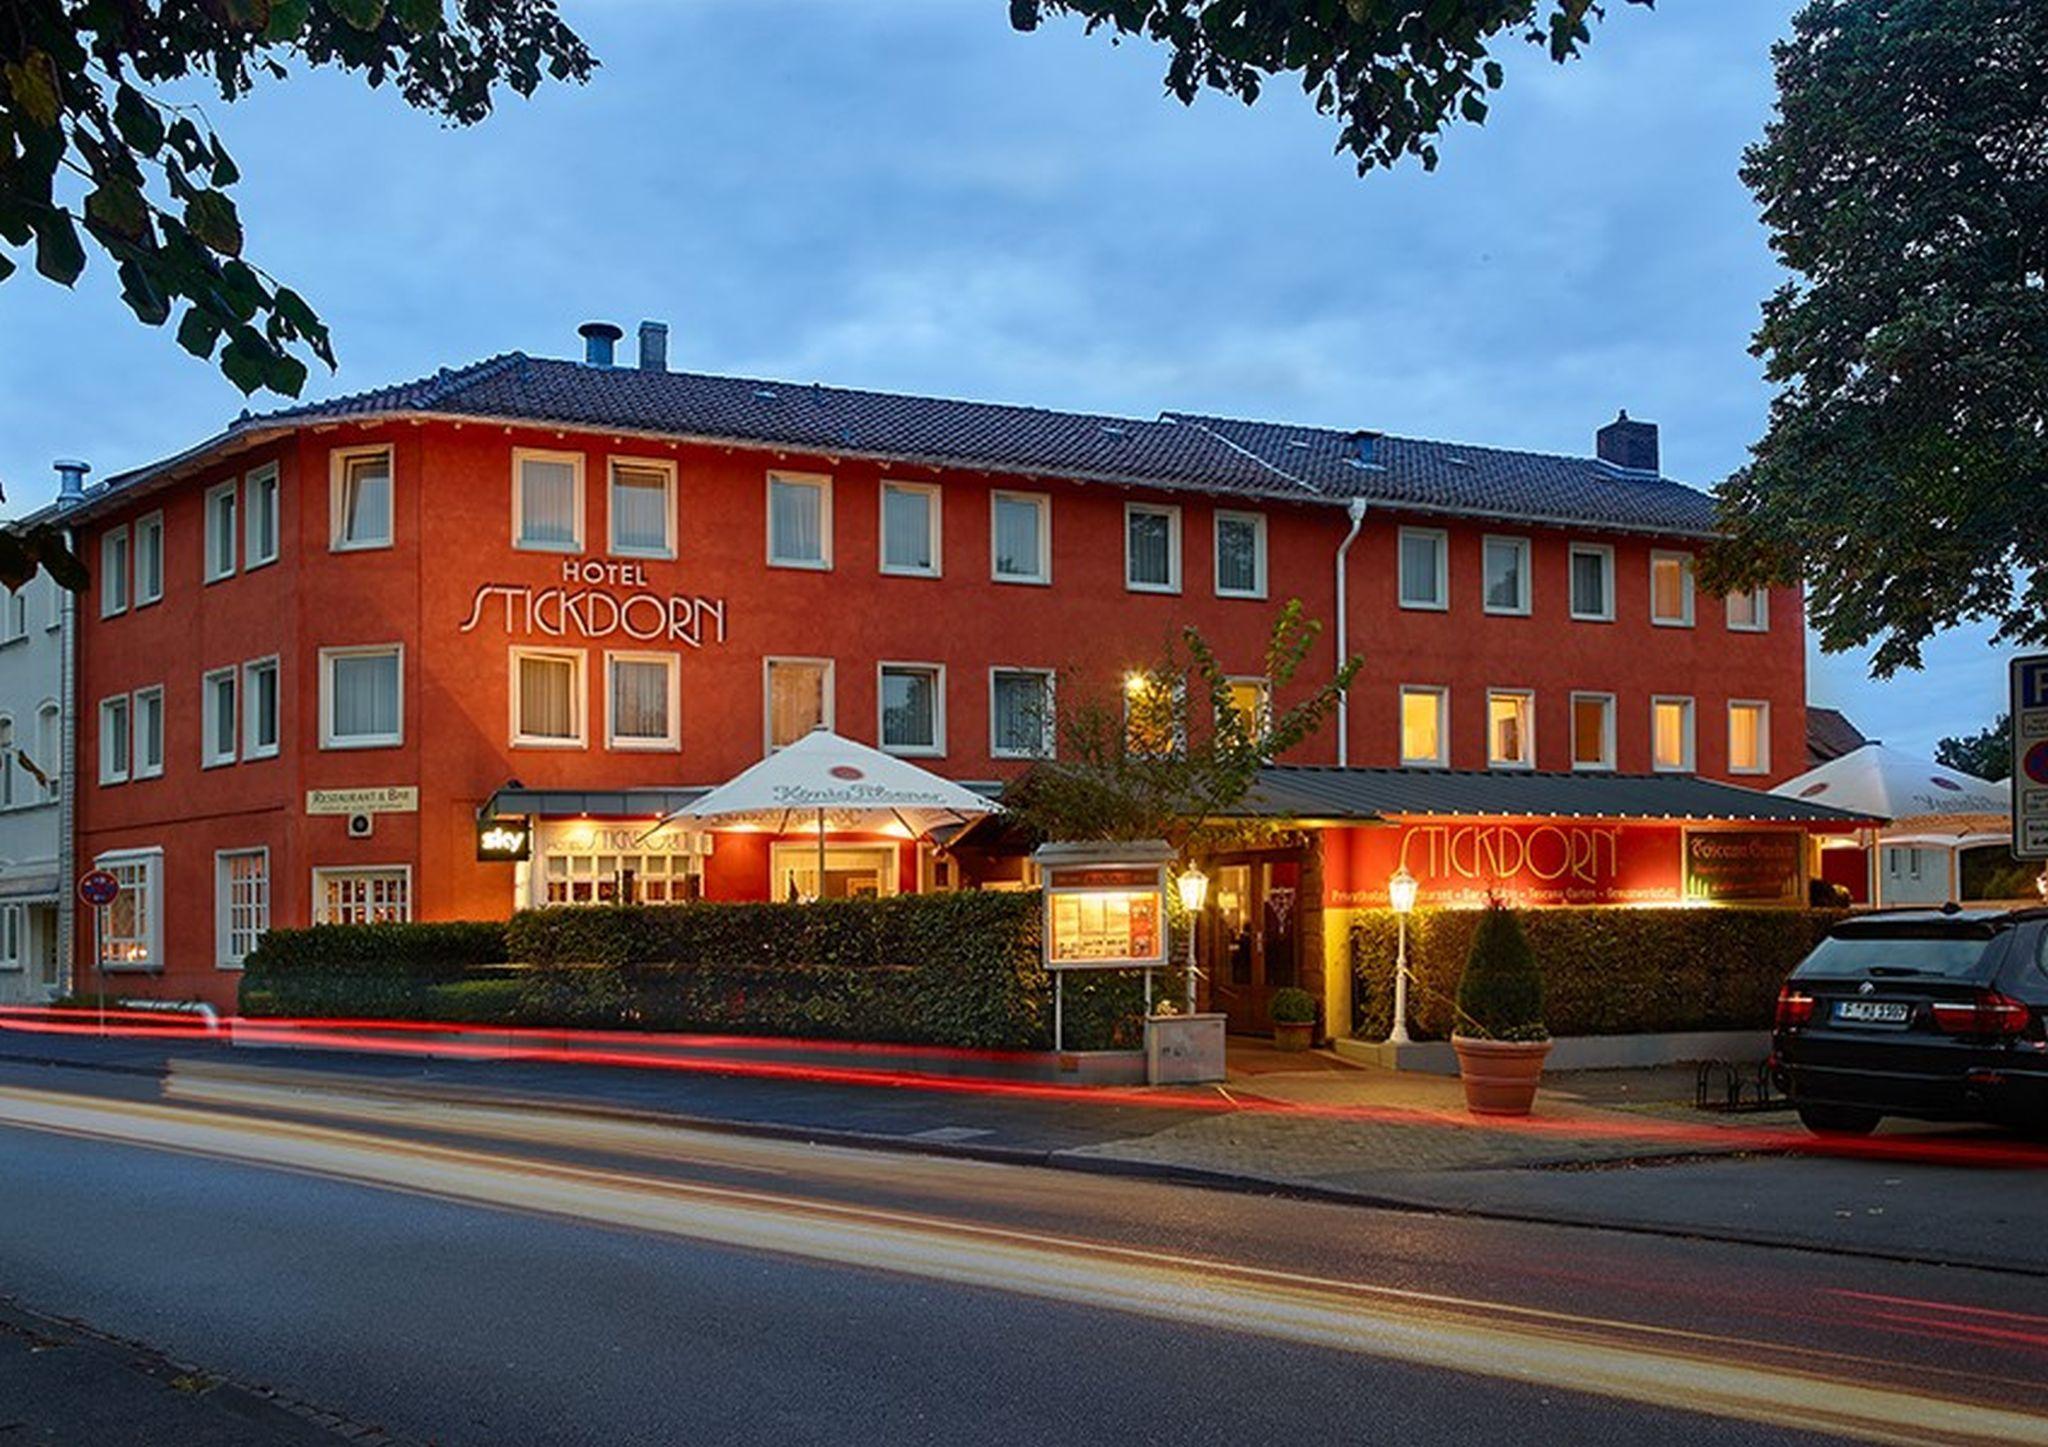 Osterbach bad hotel oeynhausen club Klinik Am